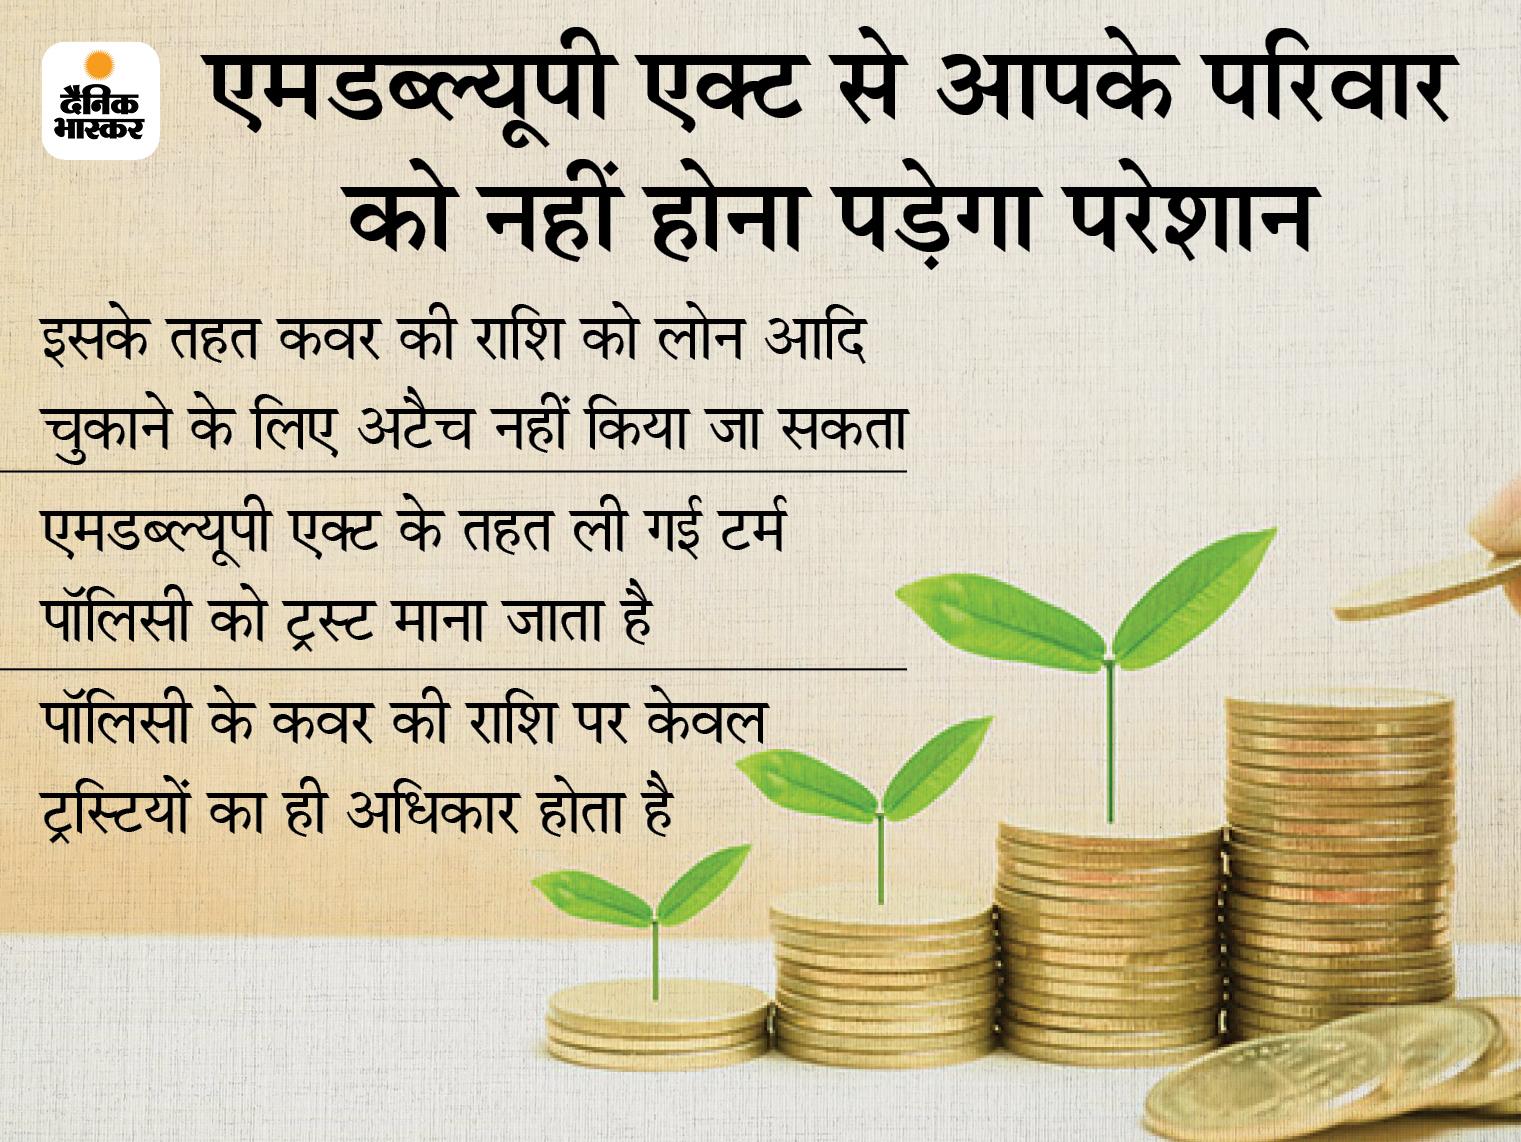 हमेशा एमडब्ल्यूपी एक्ट के साथ लें टर्म इंश्योरेंस, इससे कवर का पैसा आपके कर्जदारों को न मिलकर परिवार को मिलेगा|बिजनेस,Business - Dainik Bhaskar